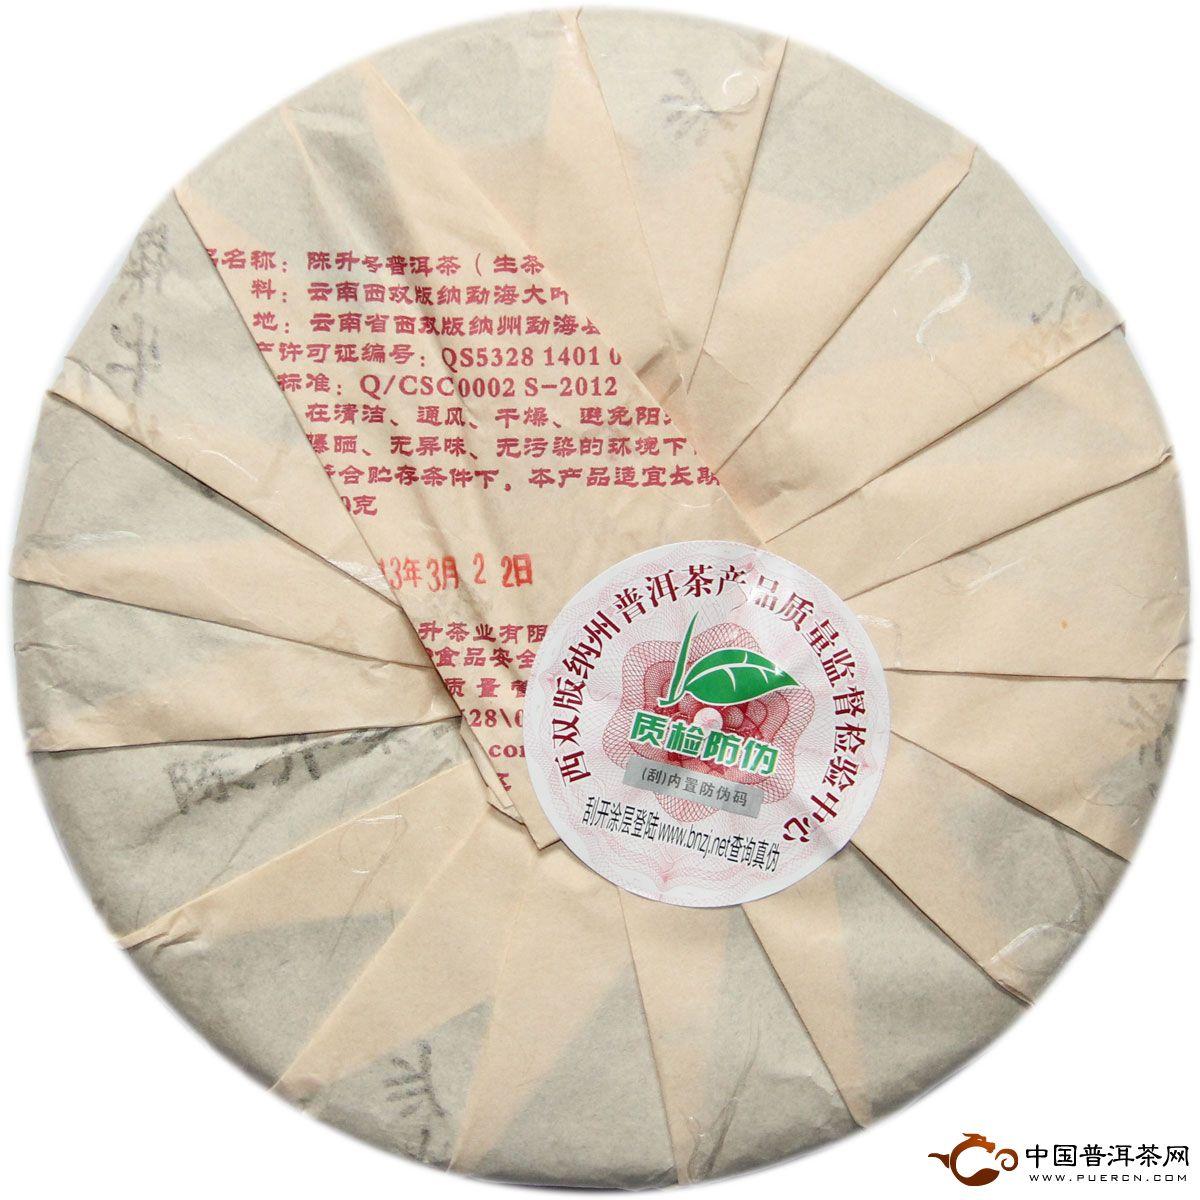 2013年陈升号(国色天香)生茶 400克